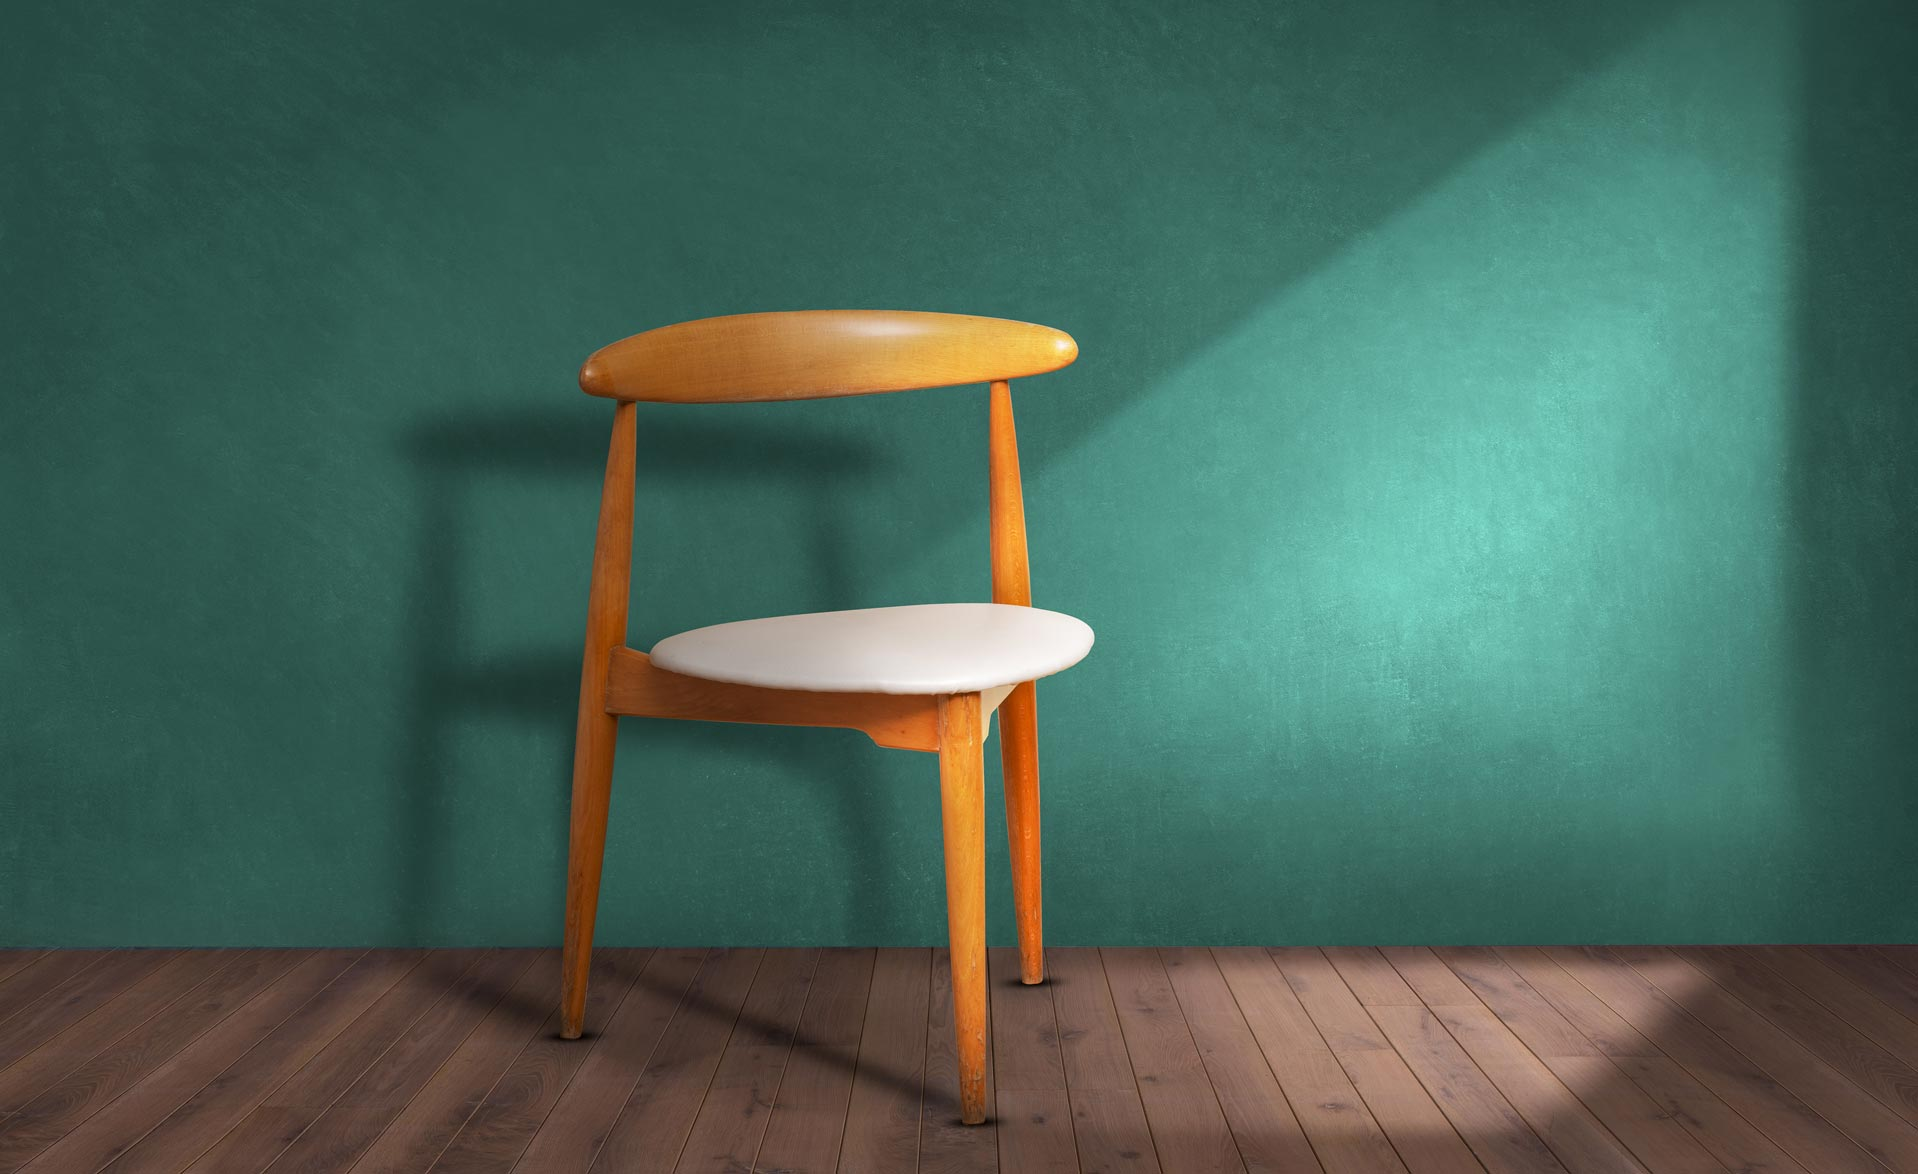 Sedia-a-cuore-Hans-Wegner-per-Fritz-Hansen-anni-50-vendita-arredamento-di-design-asolo-treviso-vicenza-italia-a2